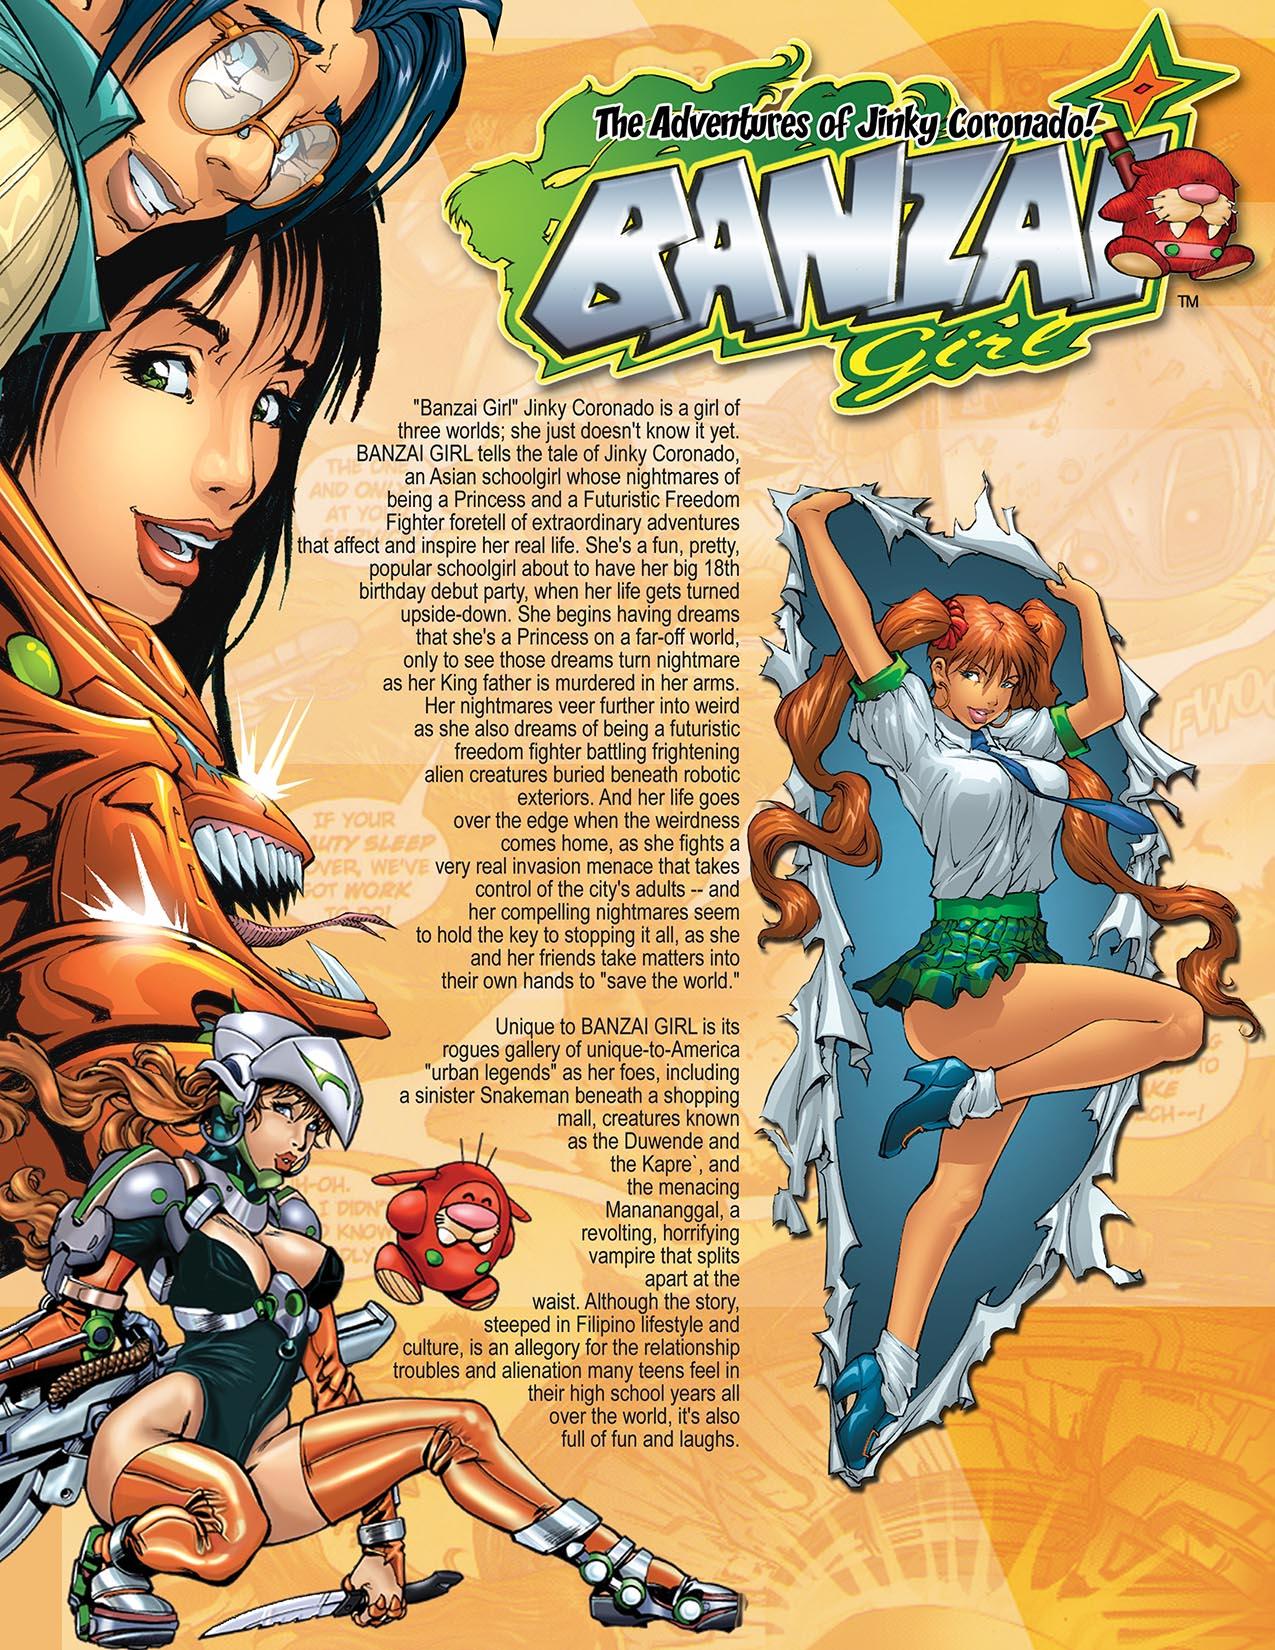 BANZAI GIRL: Promo Graphic